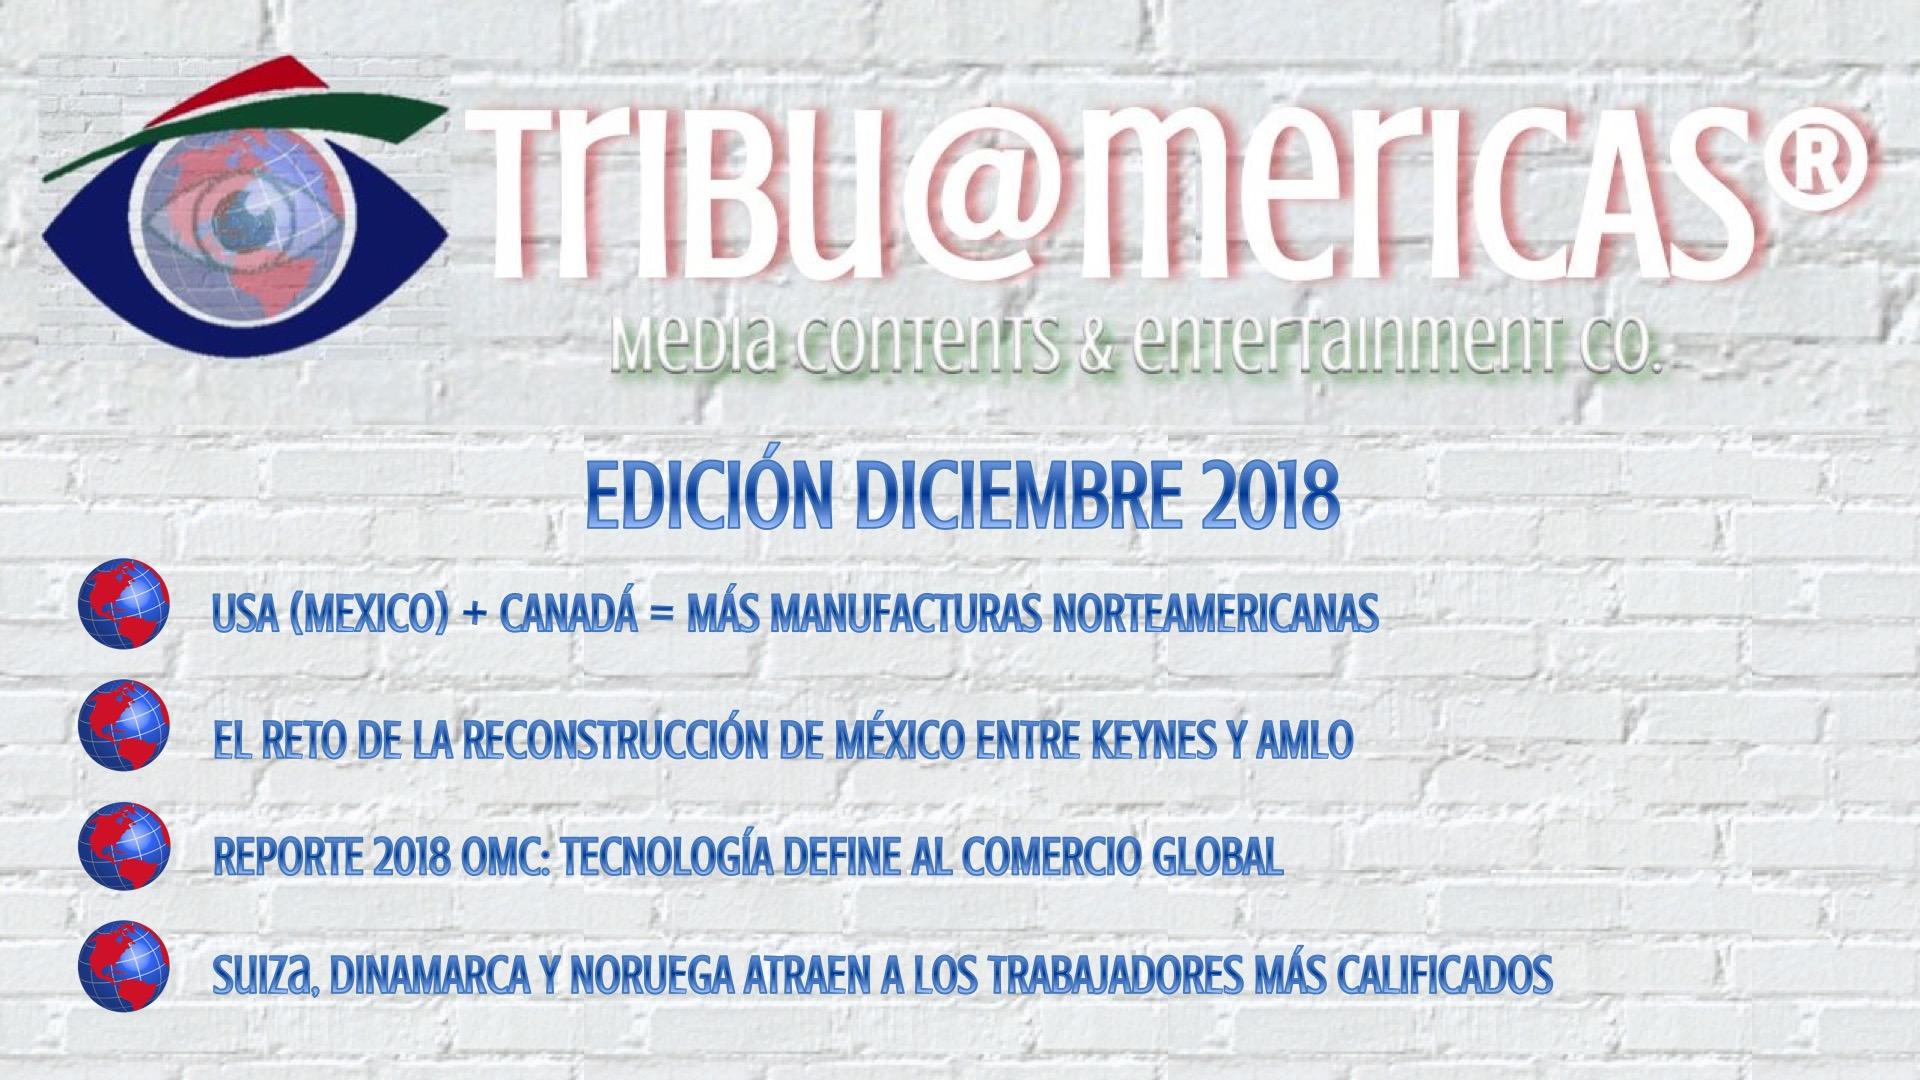 Diciembre 2018 El Reto de la Reconstrucción de México entre Keynes y AMLO